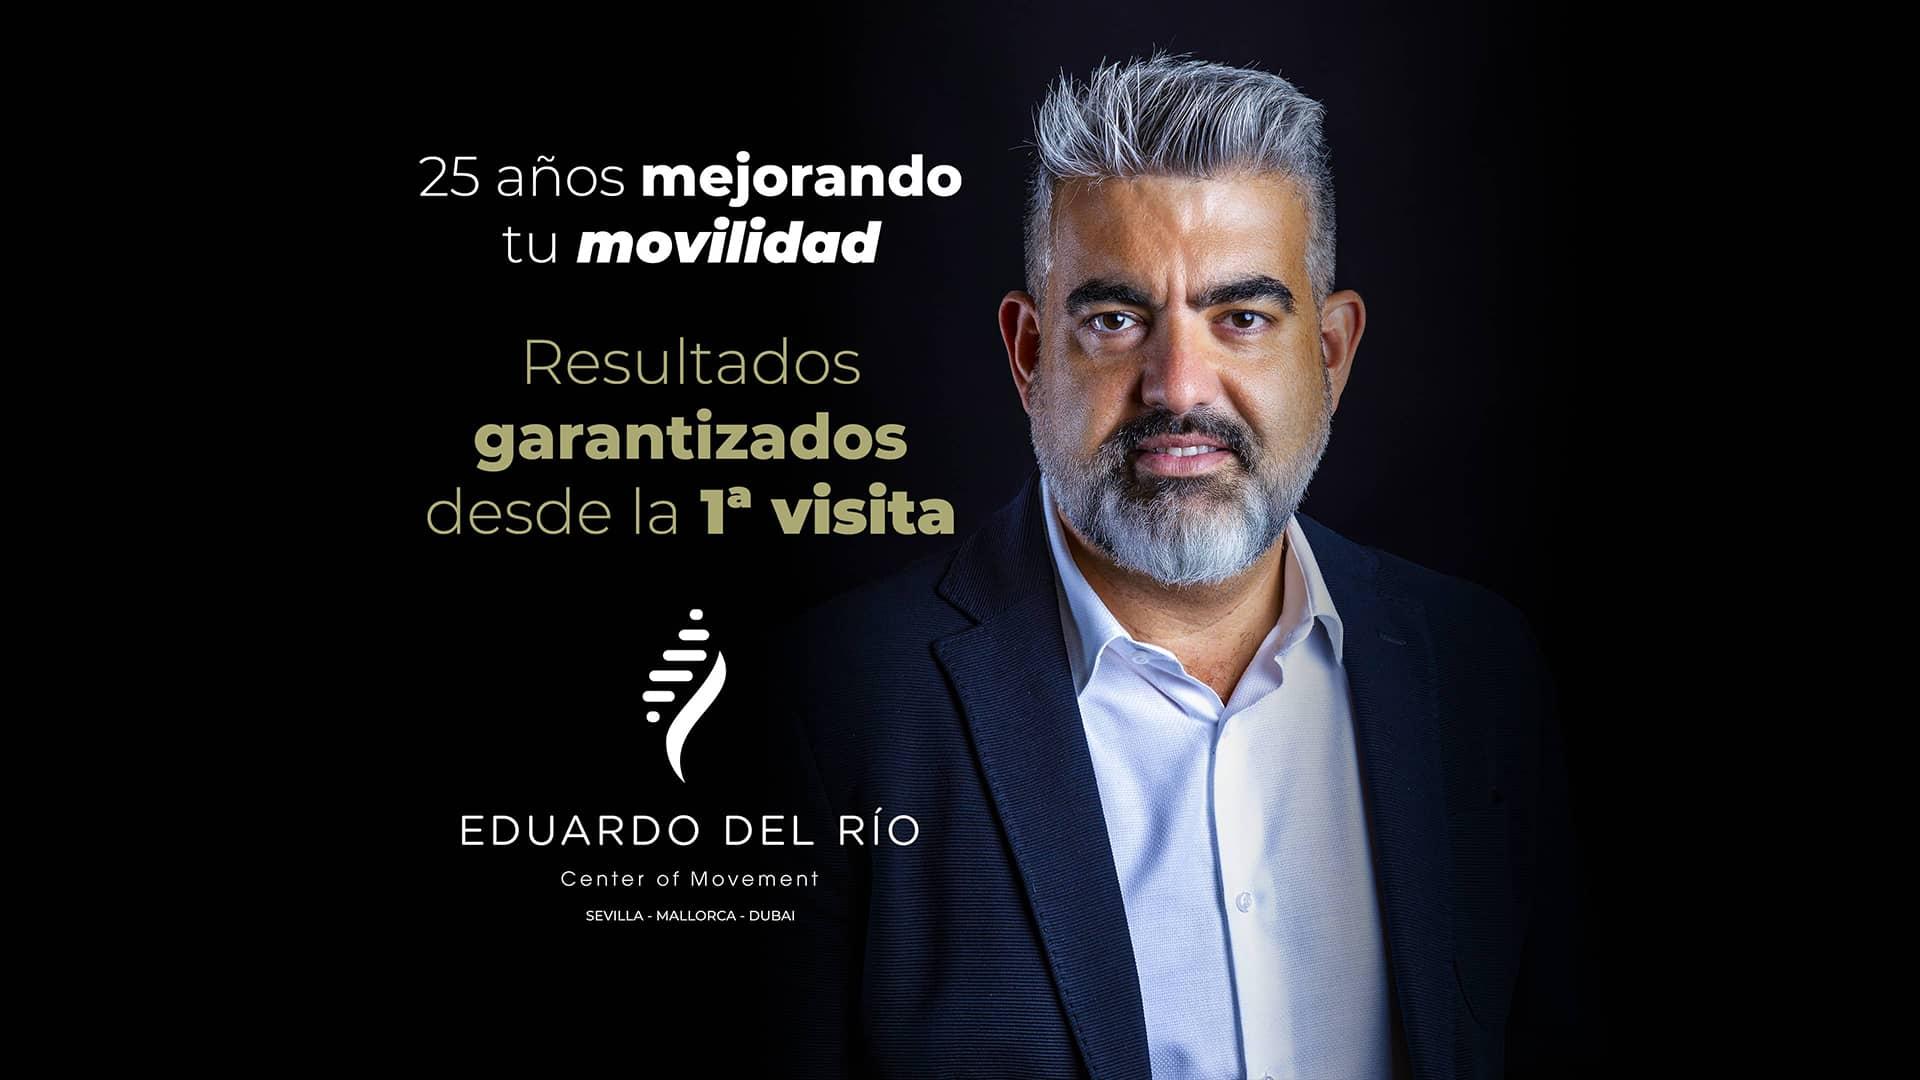 Eduardo del Río